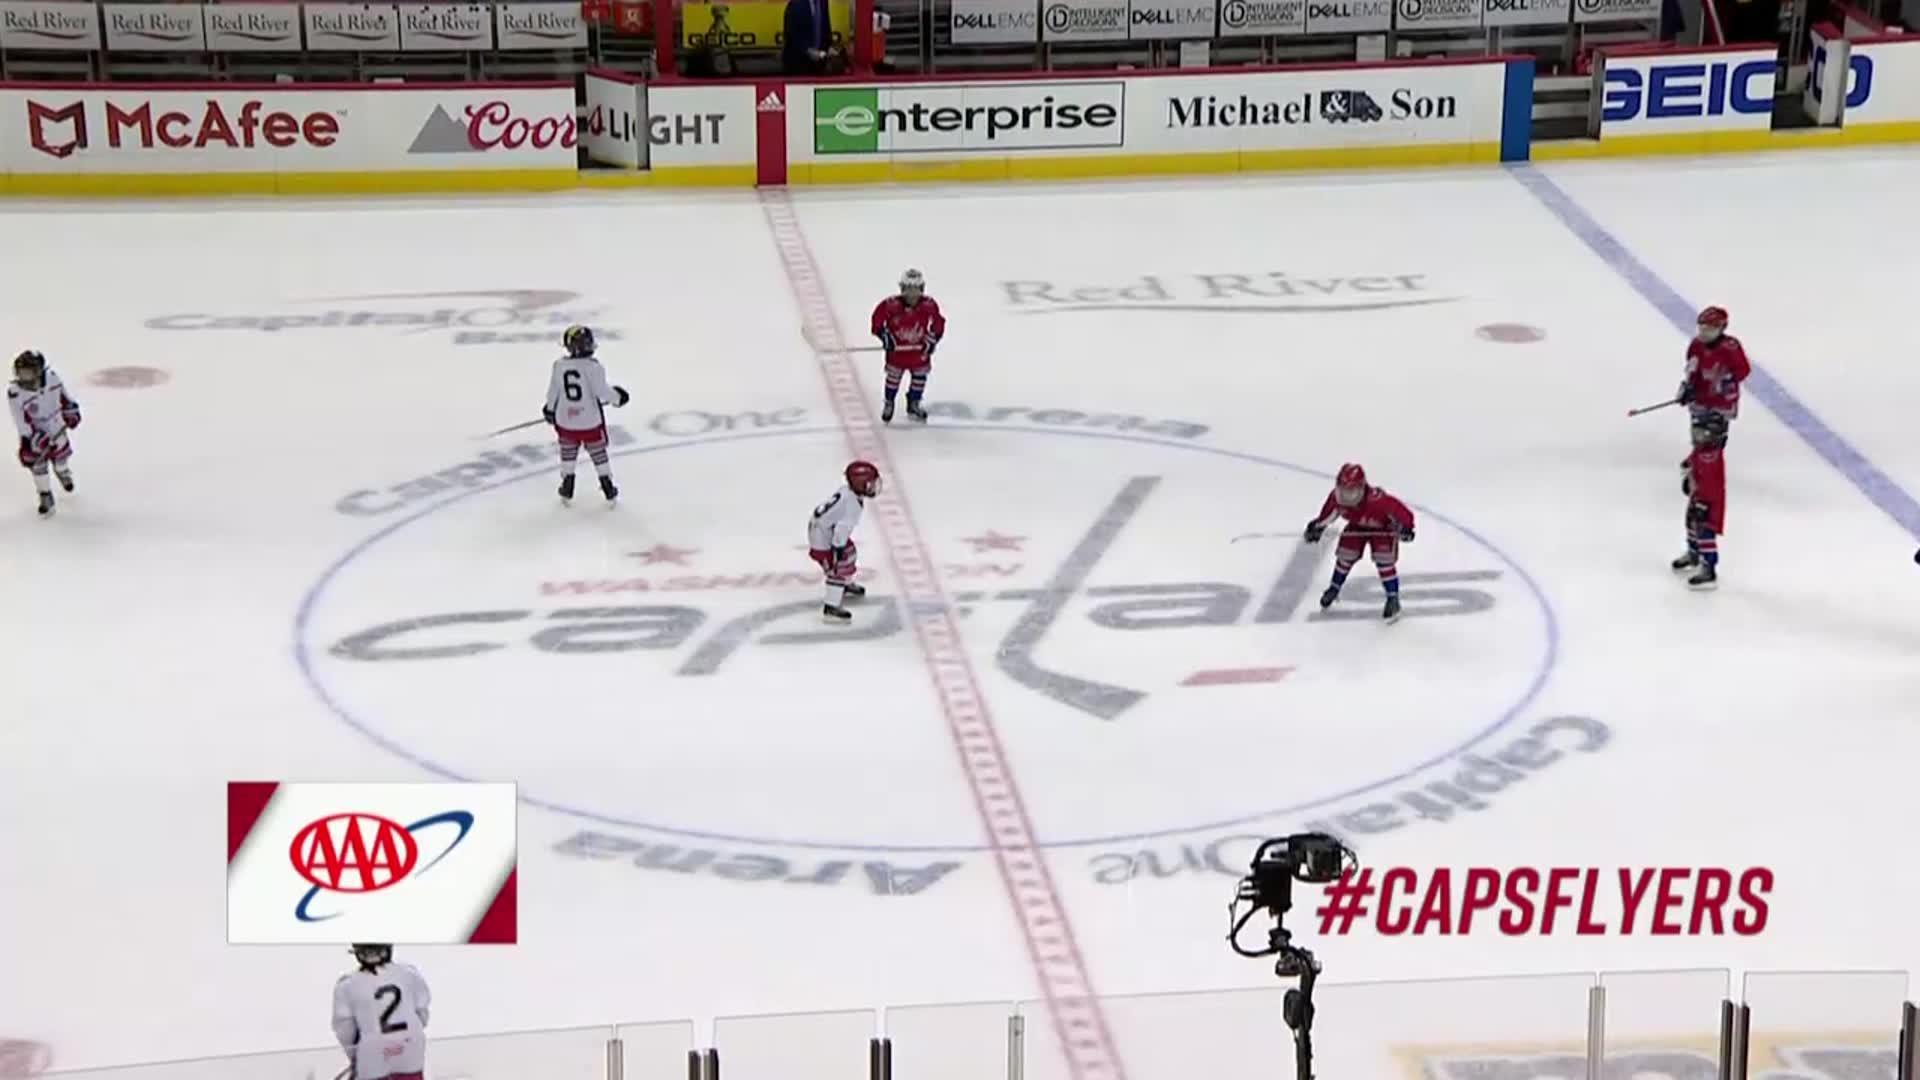 #CapsFlyers Mites on Ice 1/21/18